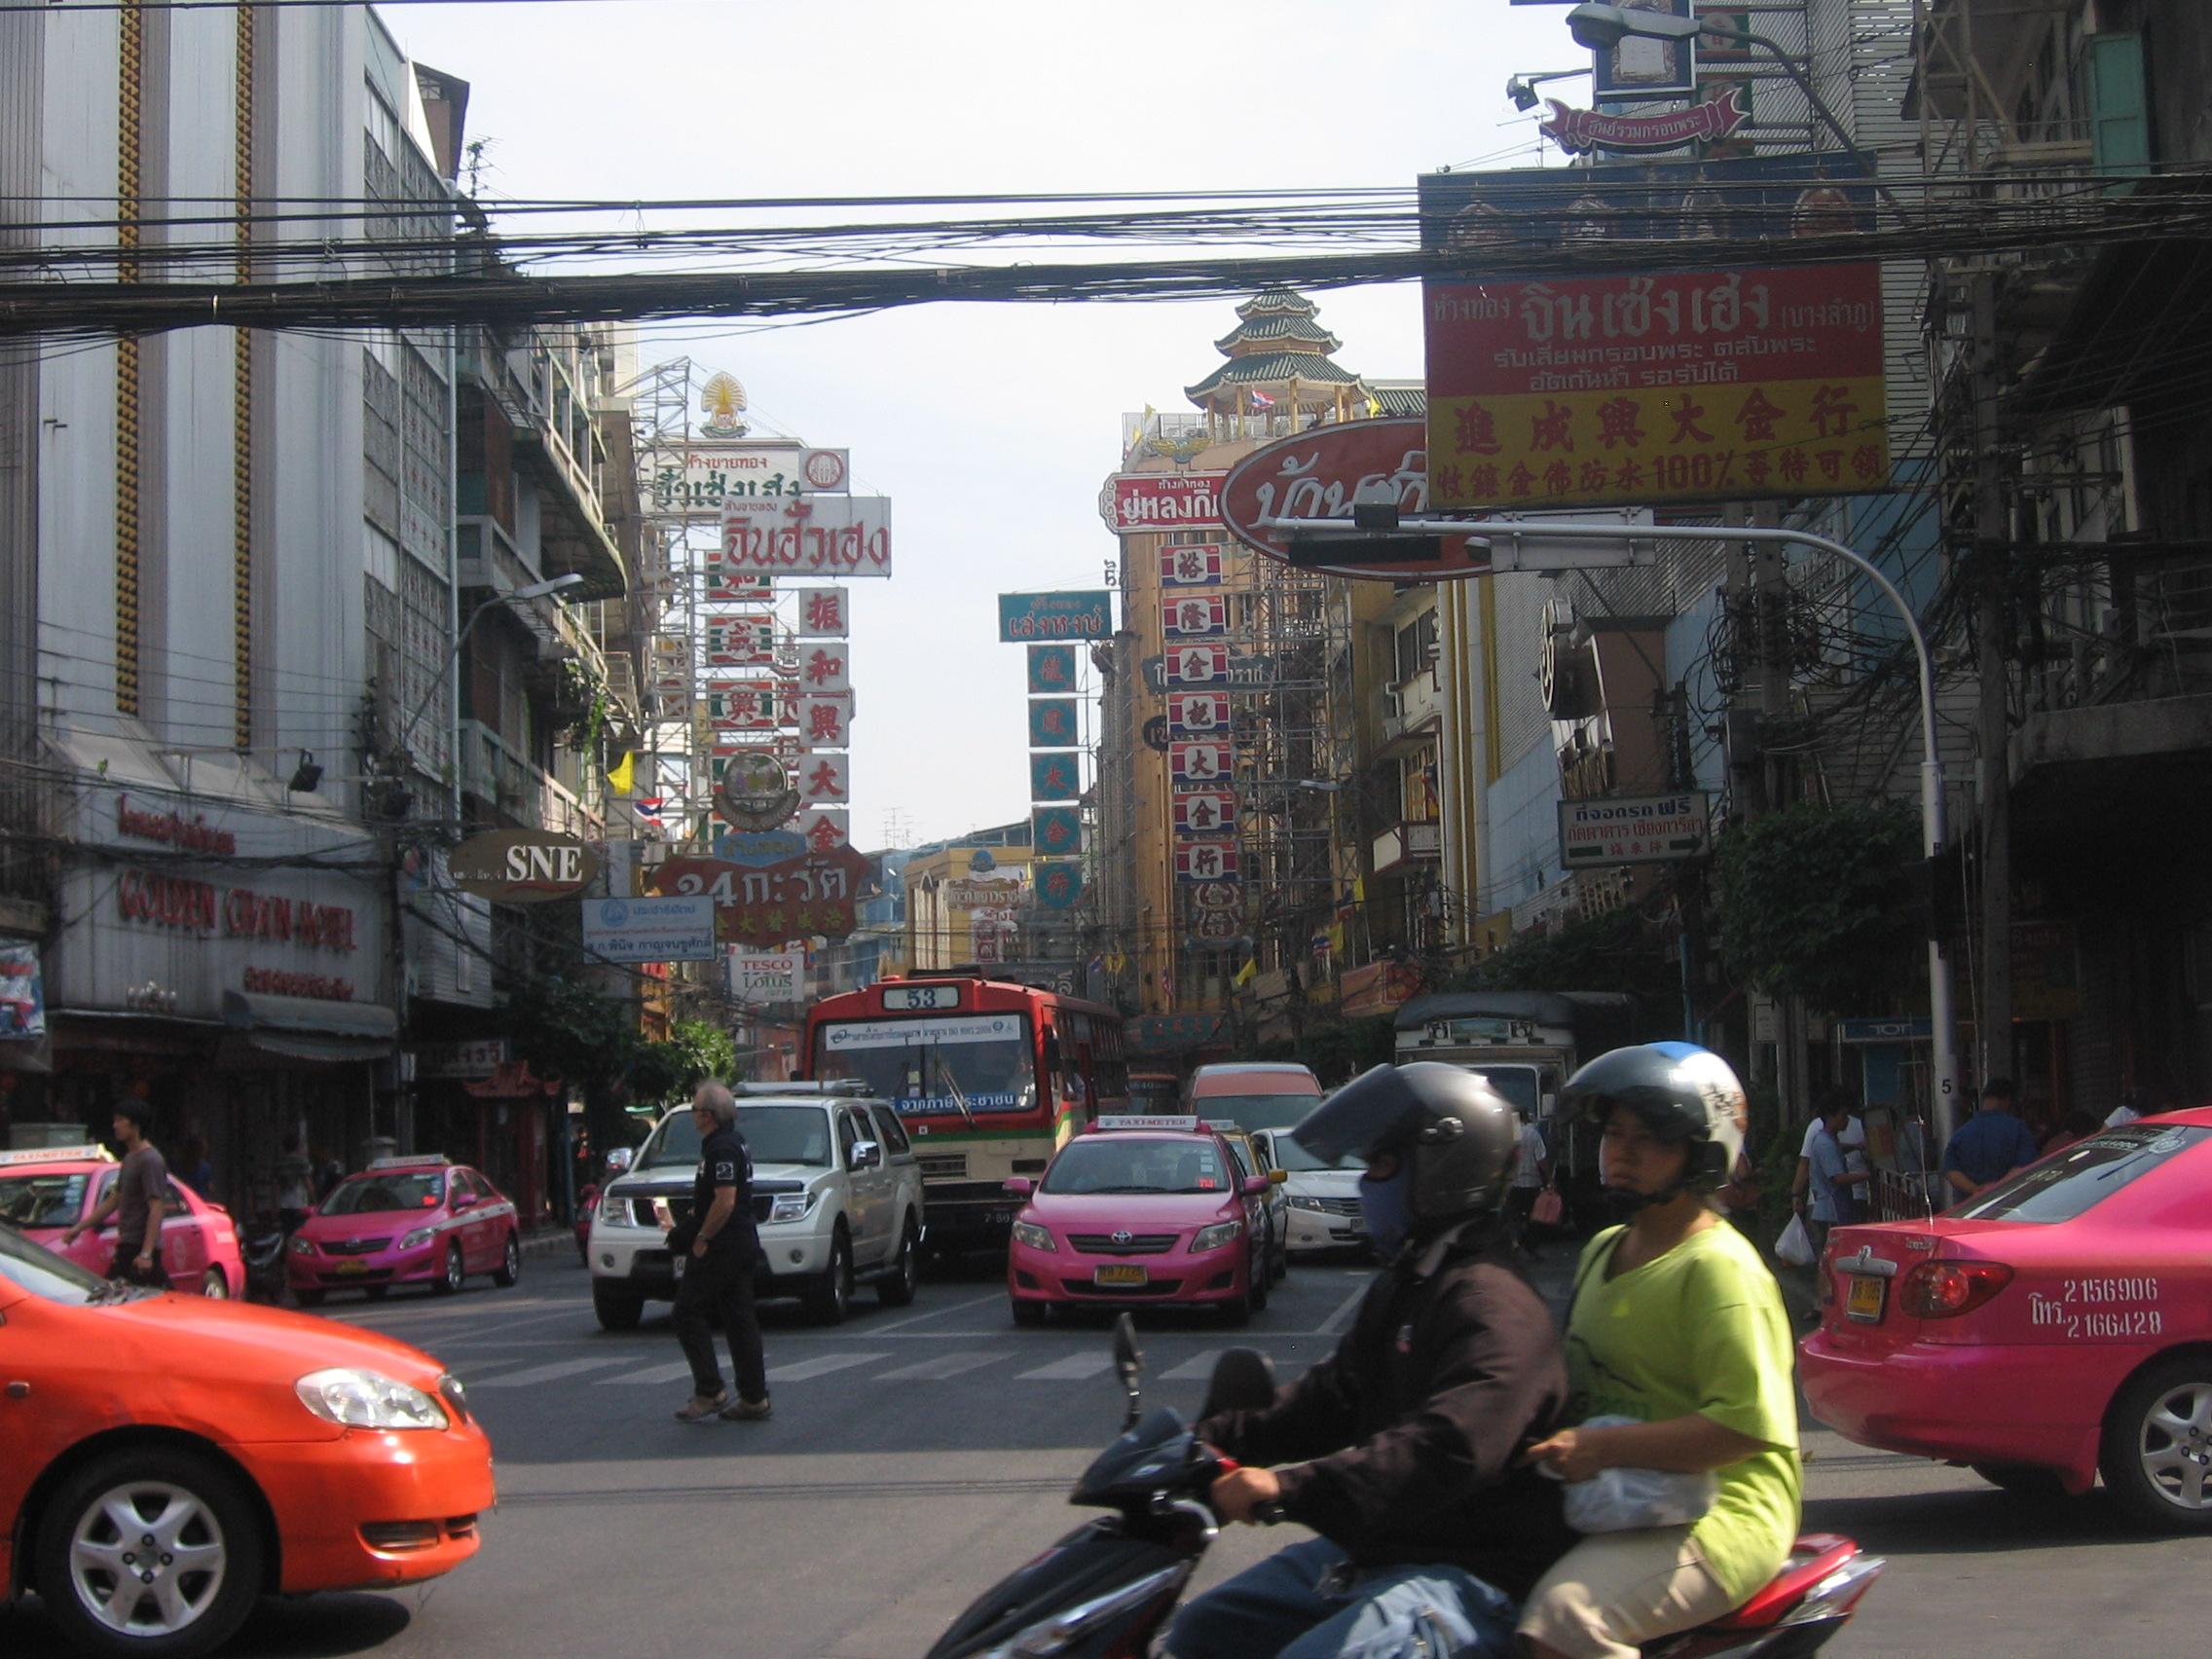 Rue des bangkok